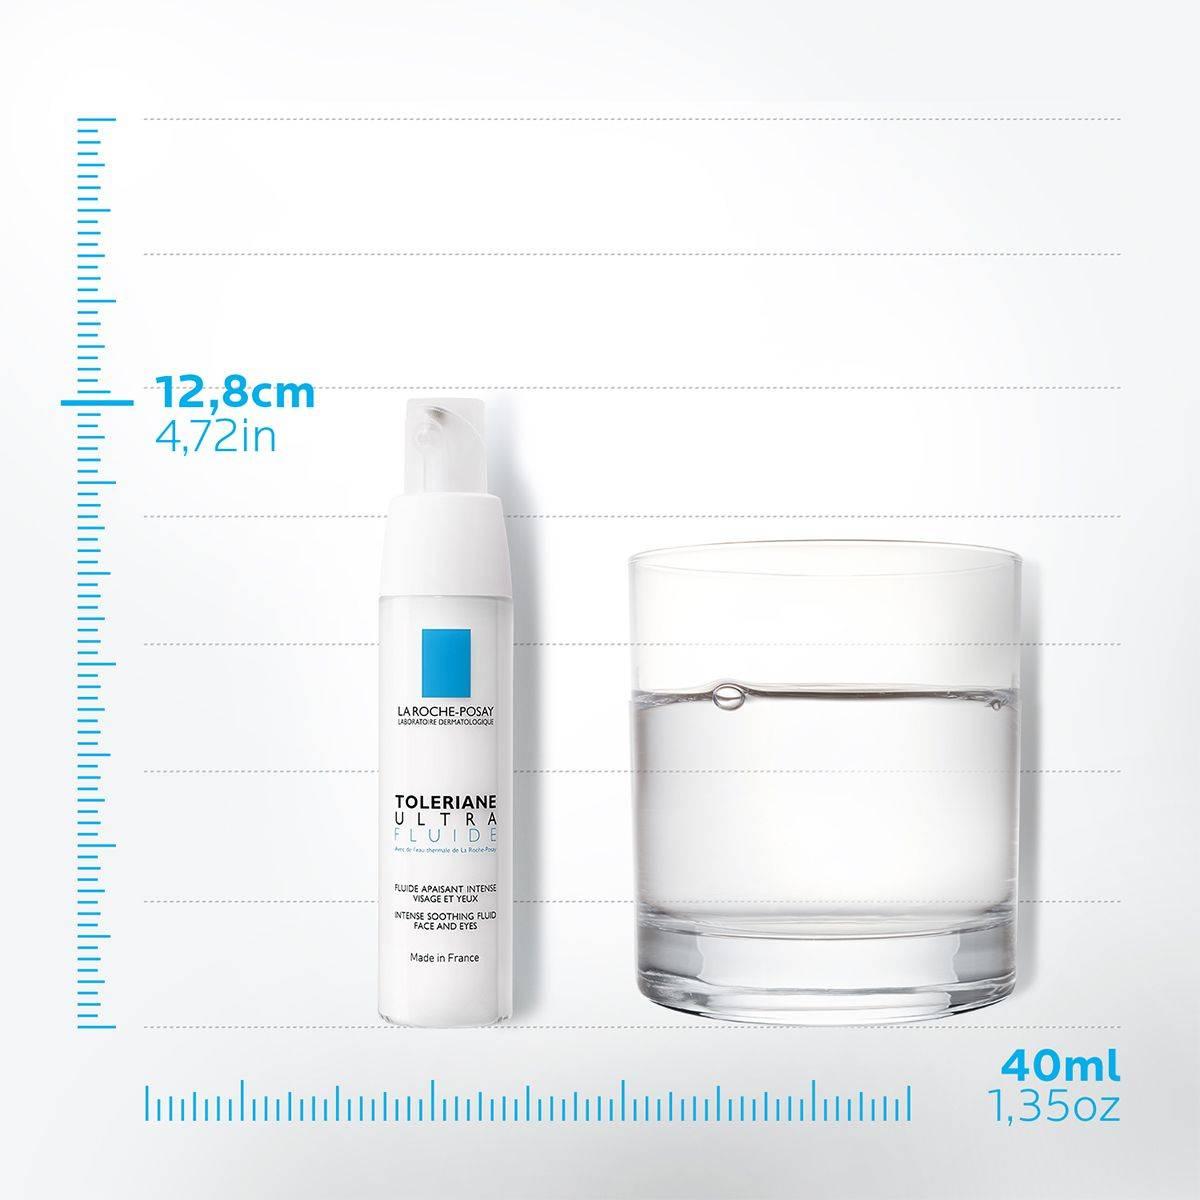 La Roche Posay StránkaProduktu Citlivá Alergická Toleriane Ultra Fluid 4